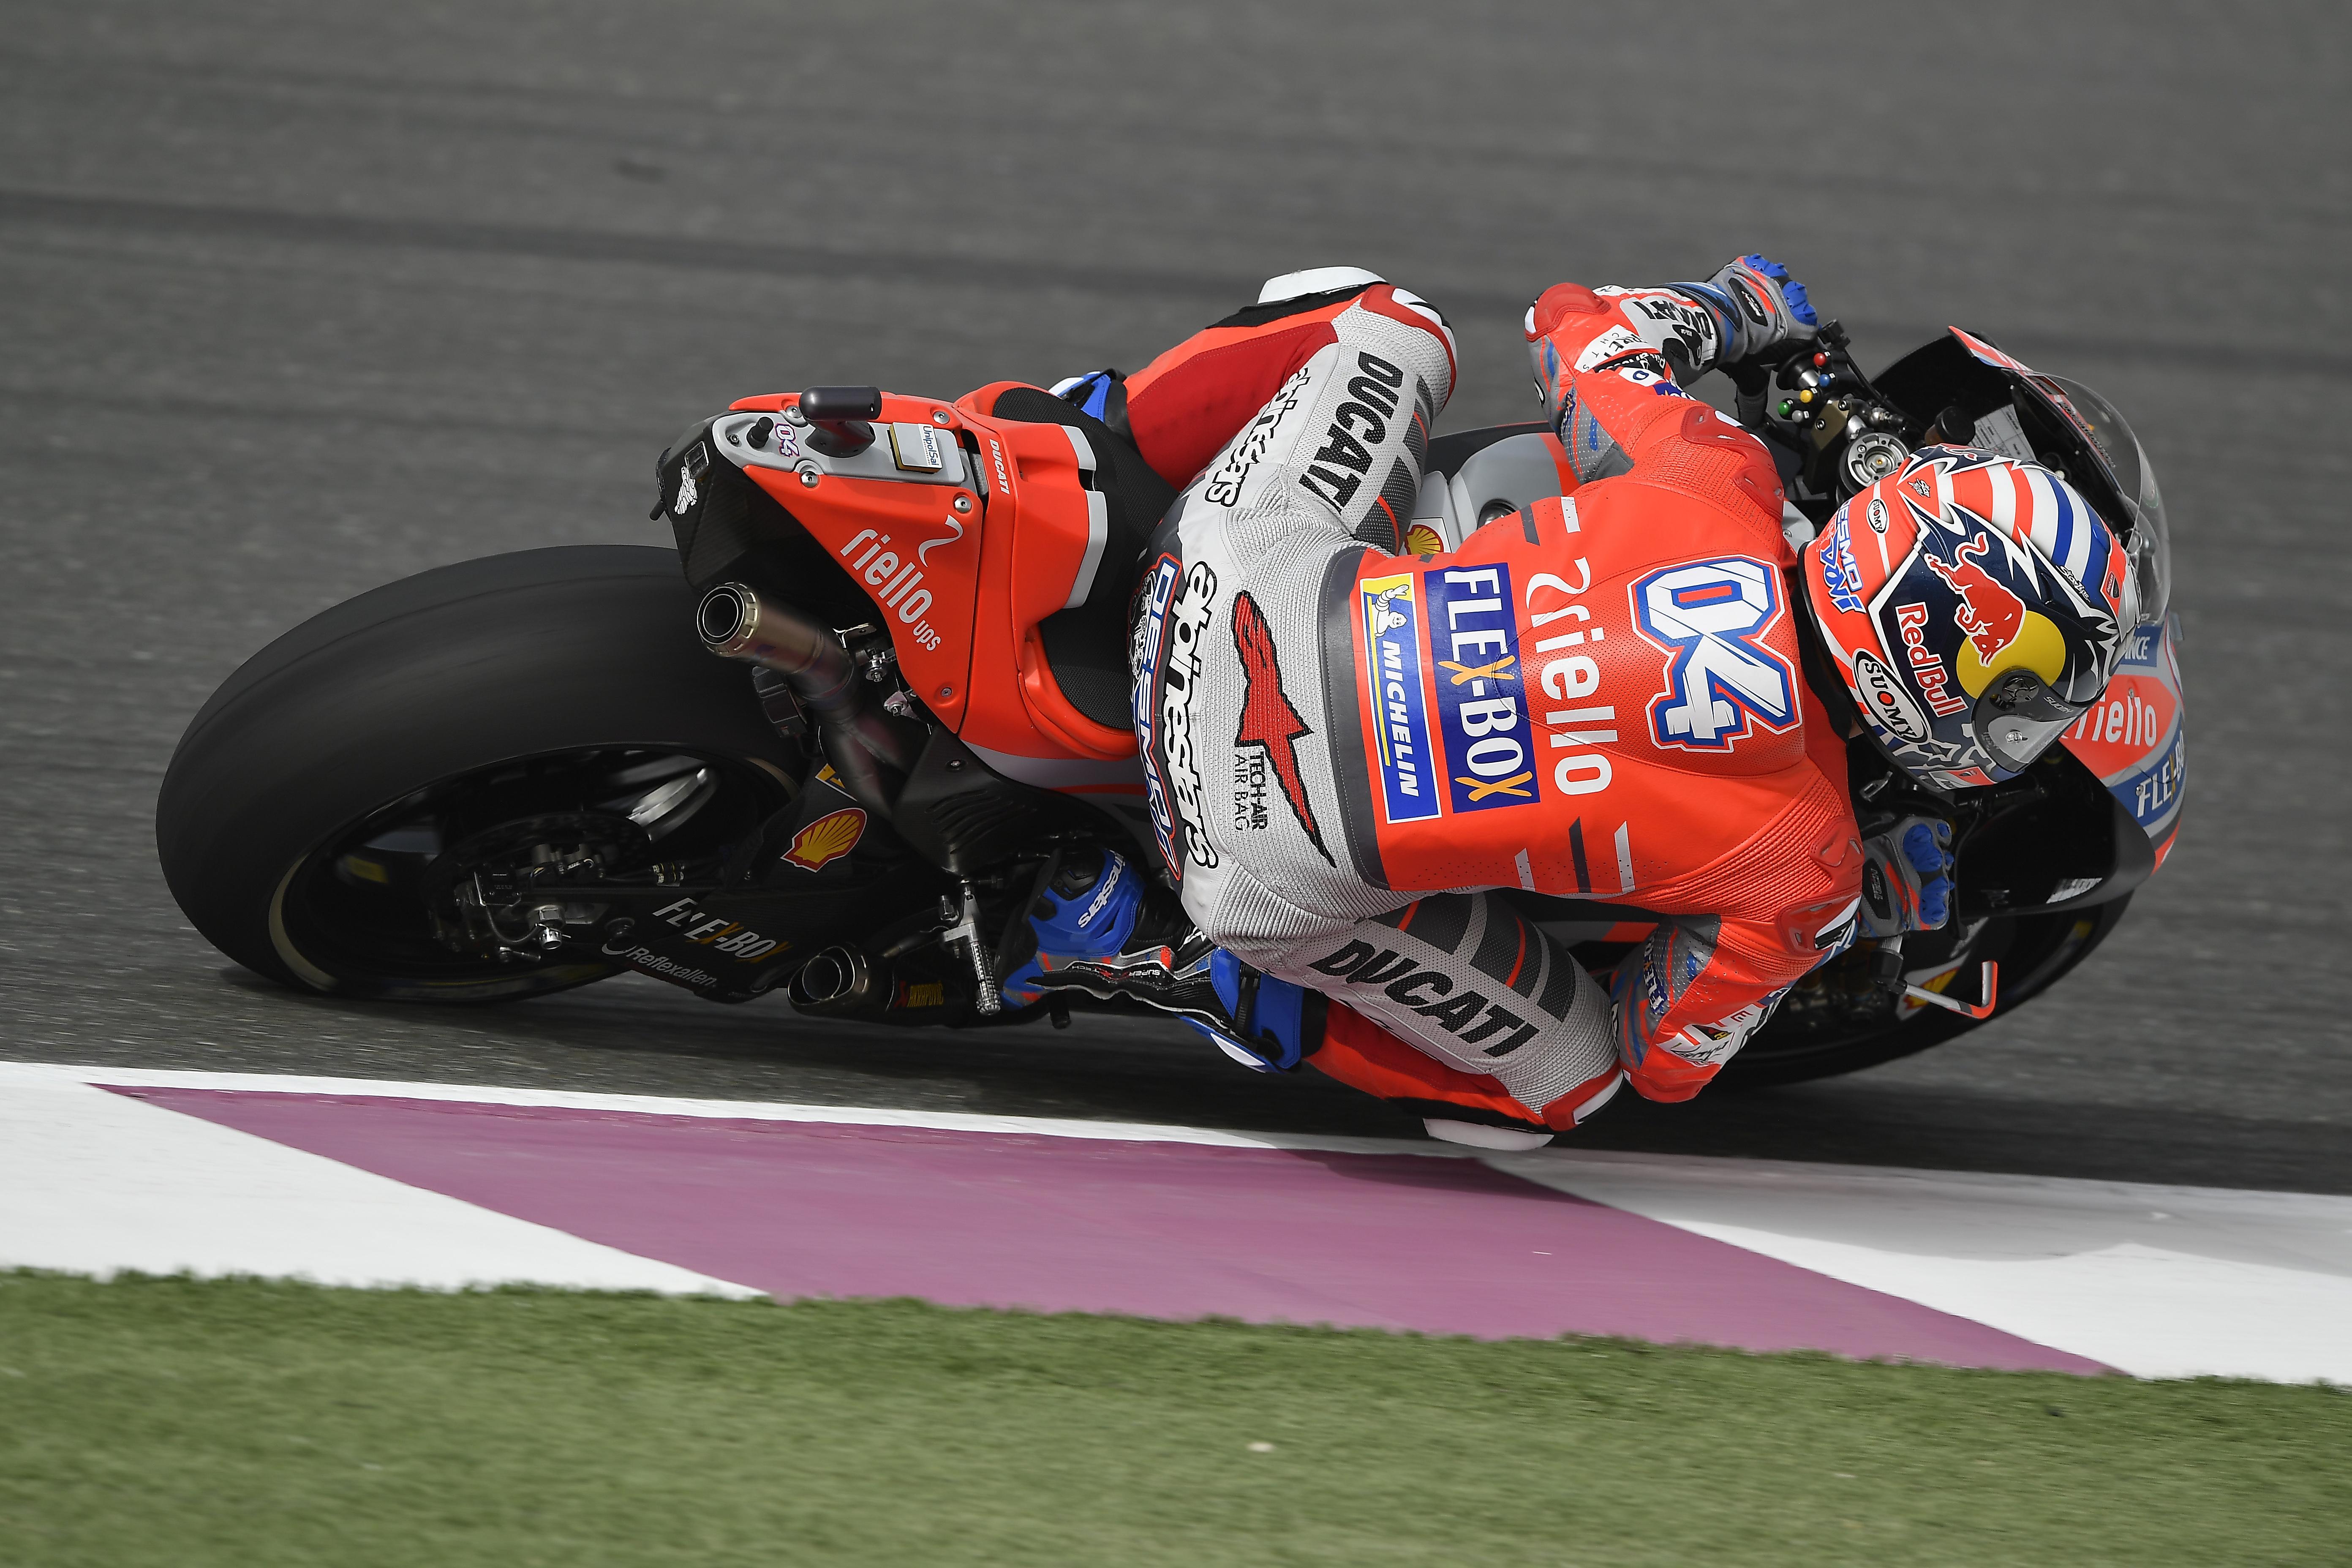 Nueva temporada, mismos protagonistas, mismo final. Rossi en el podio y Viñales remonta hasta 9 posiciones